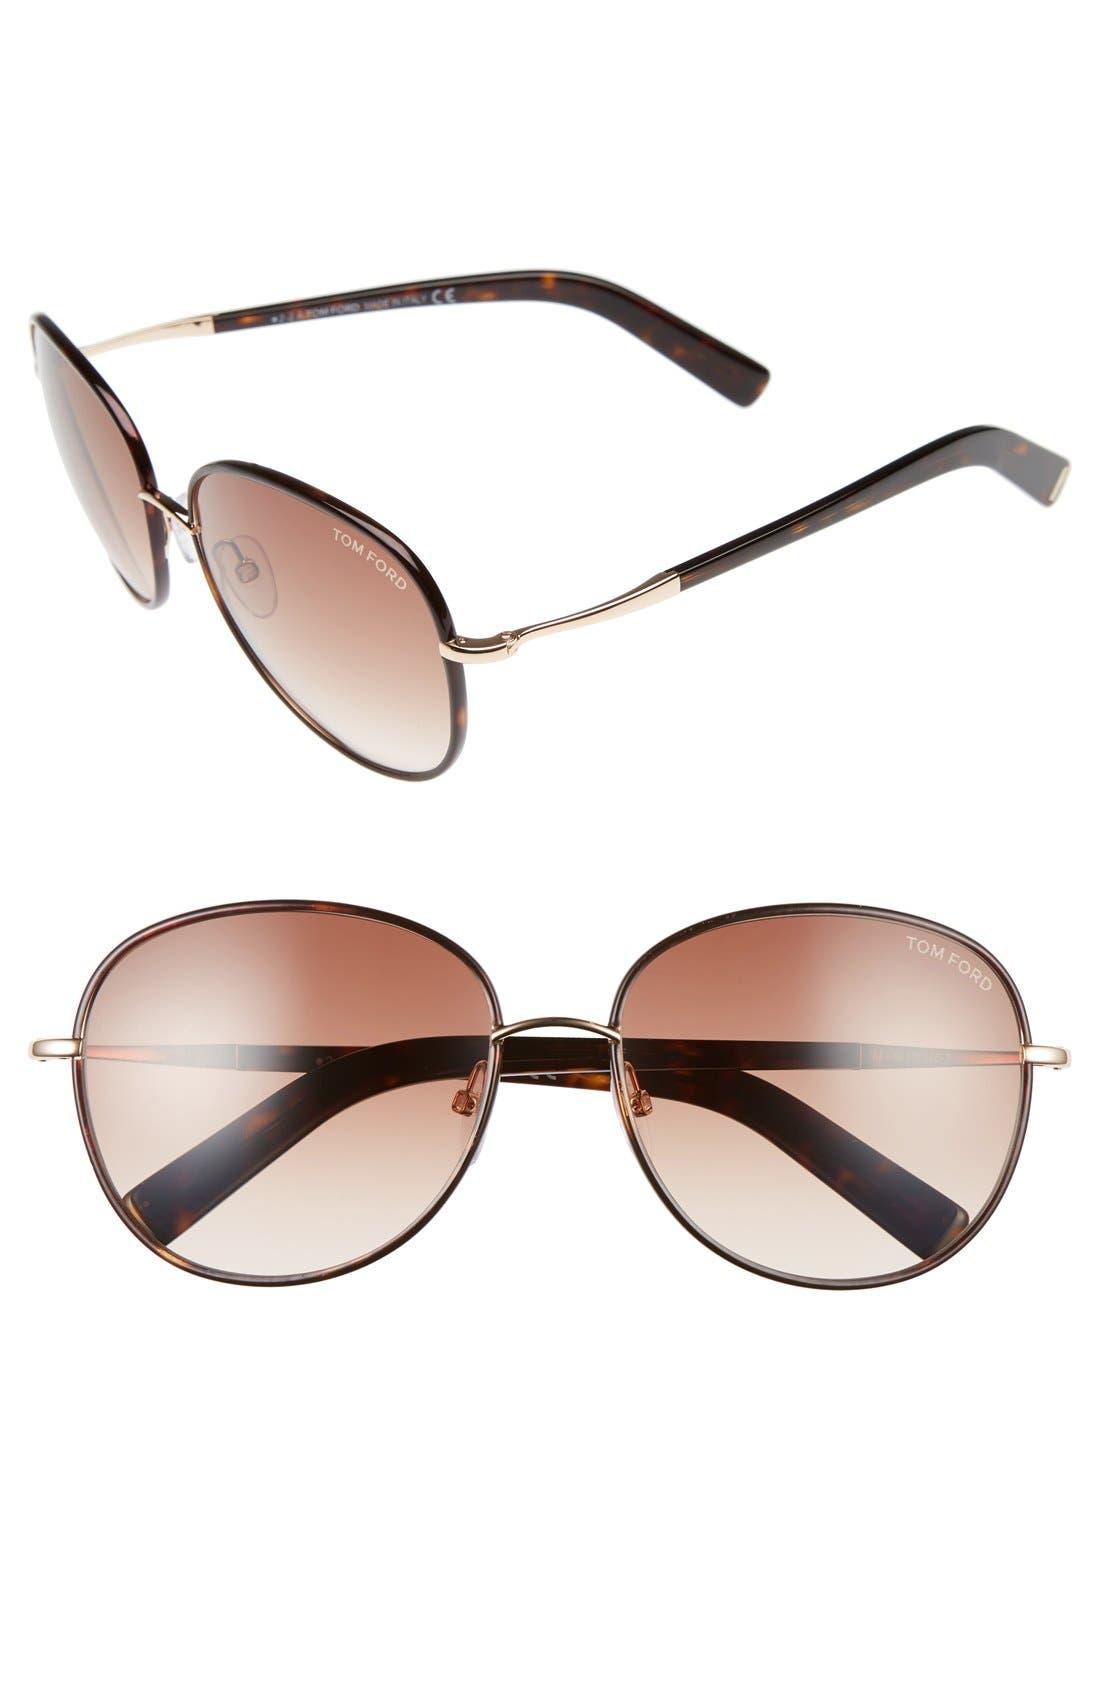 Georgia 59mm Sunglasses,                         Main,                         color, Rose Gold/ Havana/ Brown